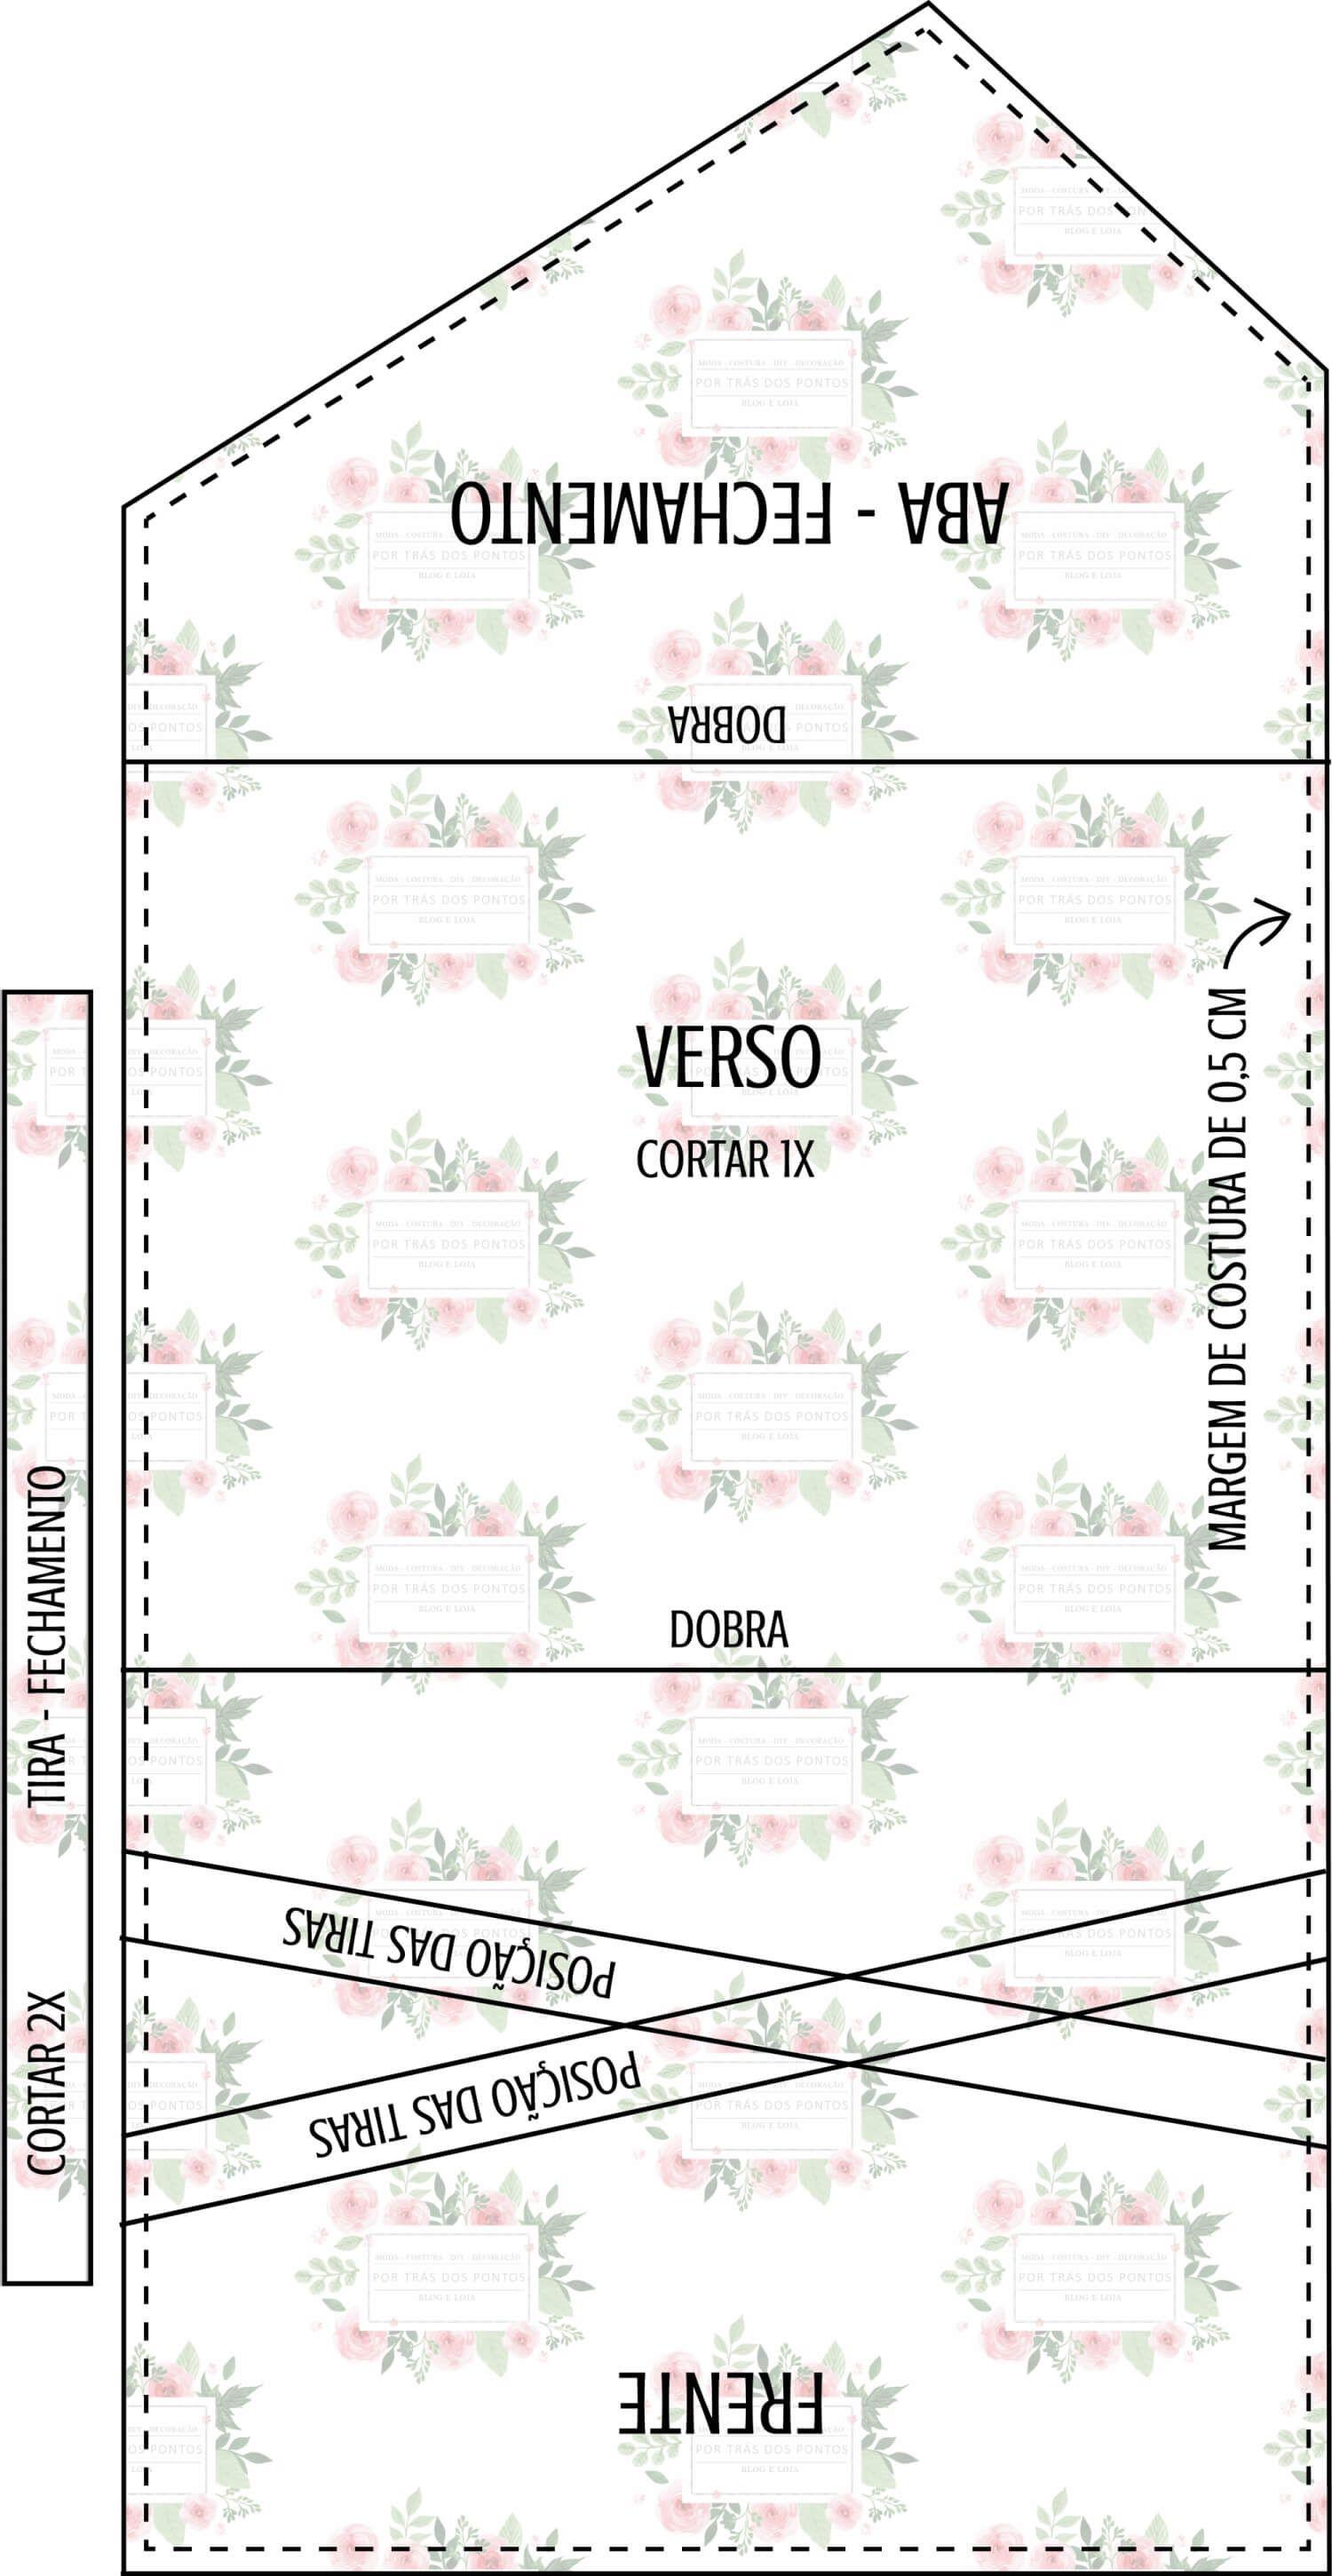 DIY Bolsa Envelope + Molde p/ Imprimir | Bolsa envelope | Pinterest ...